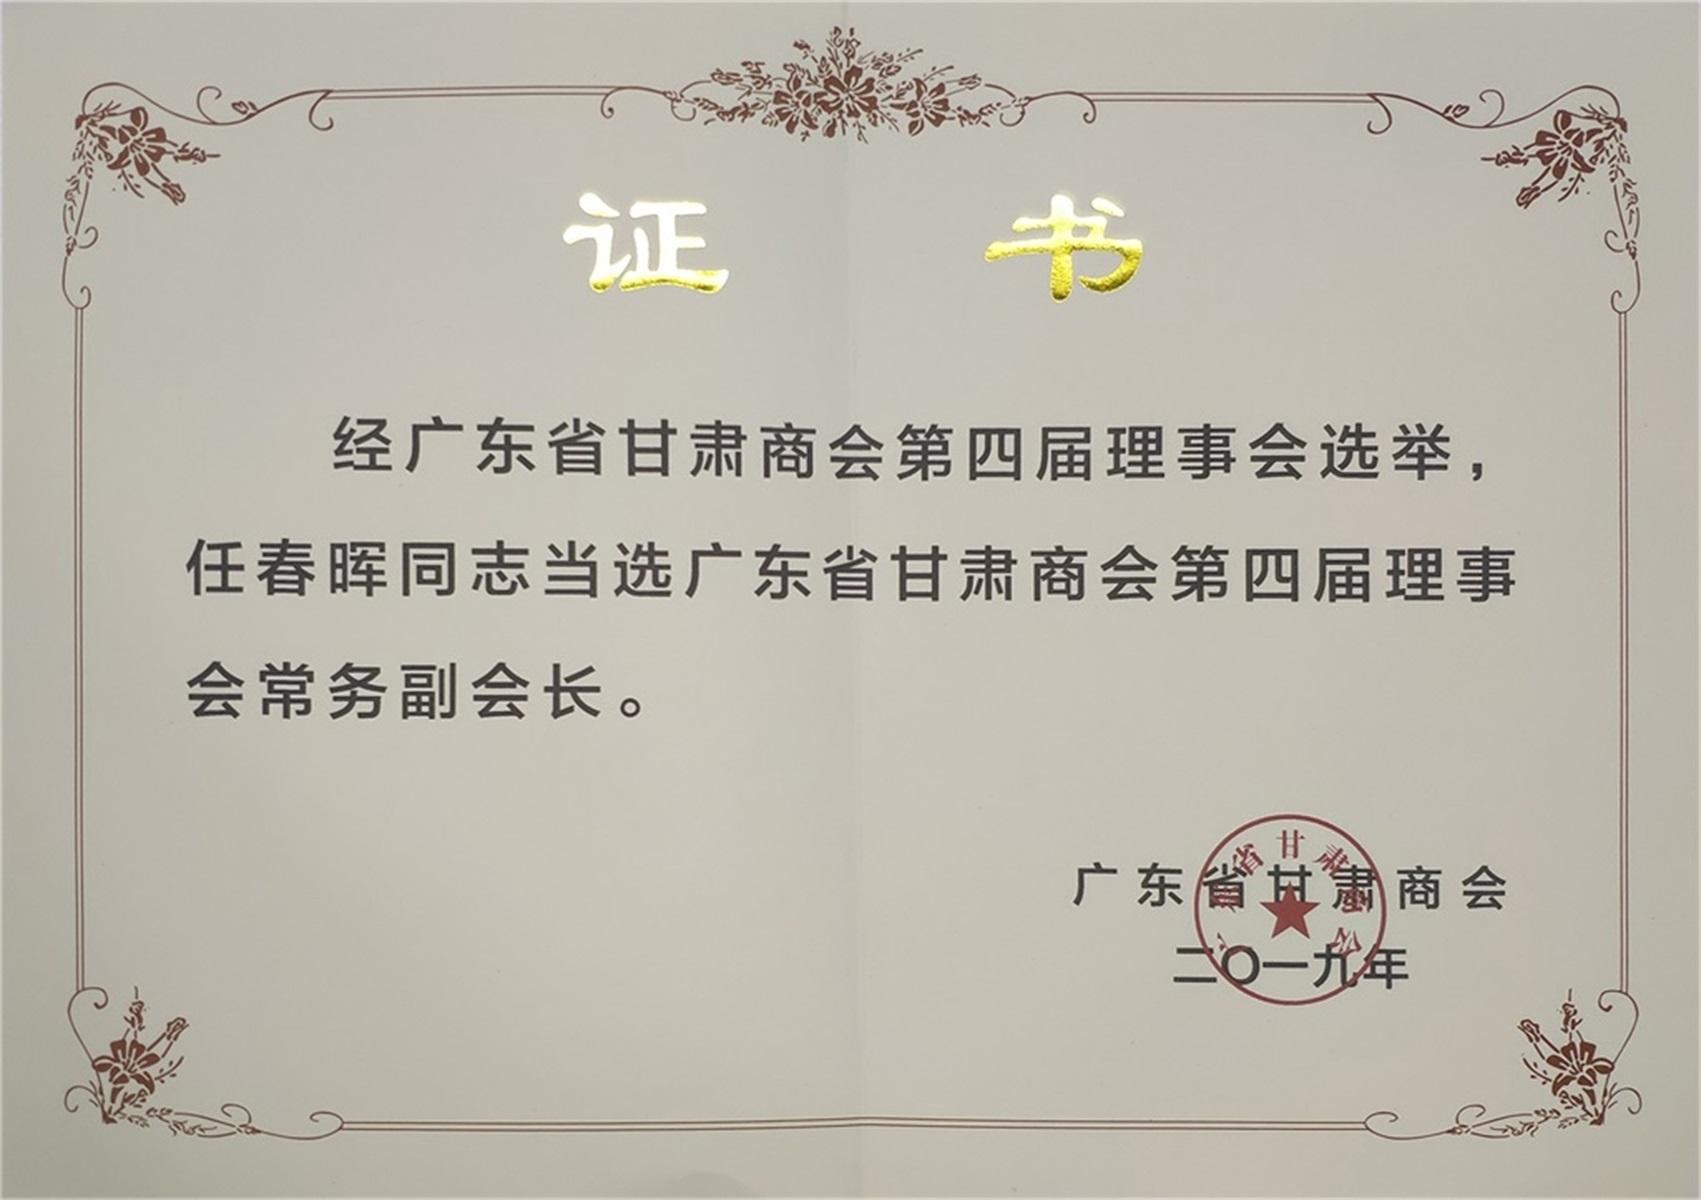 广东省甘肃商会第四届理事会常务副会长-当选证书-2019年10月15日